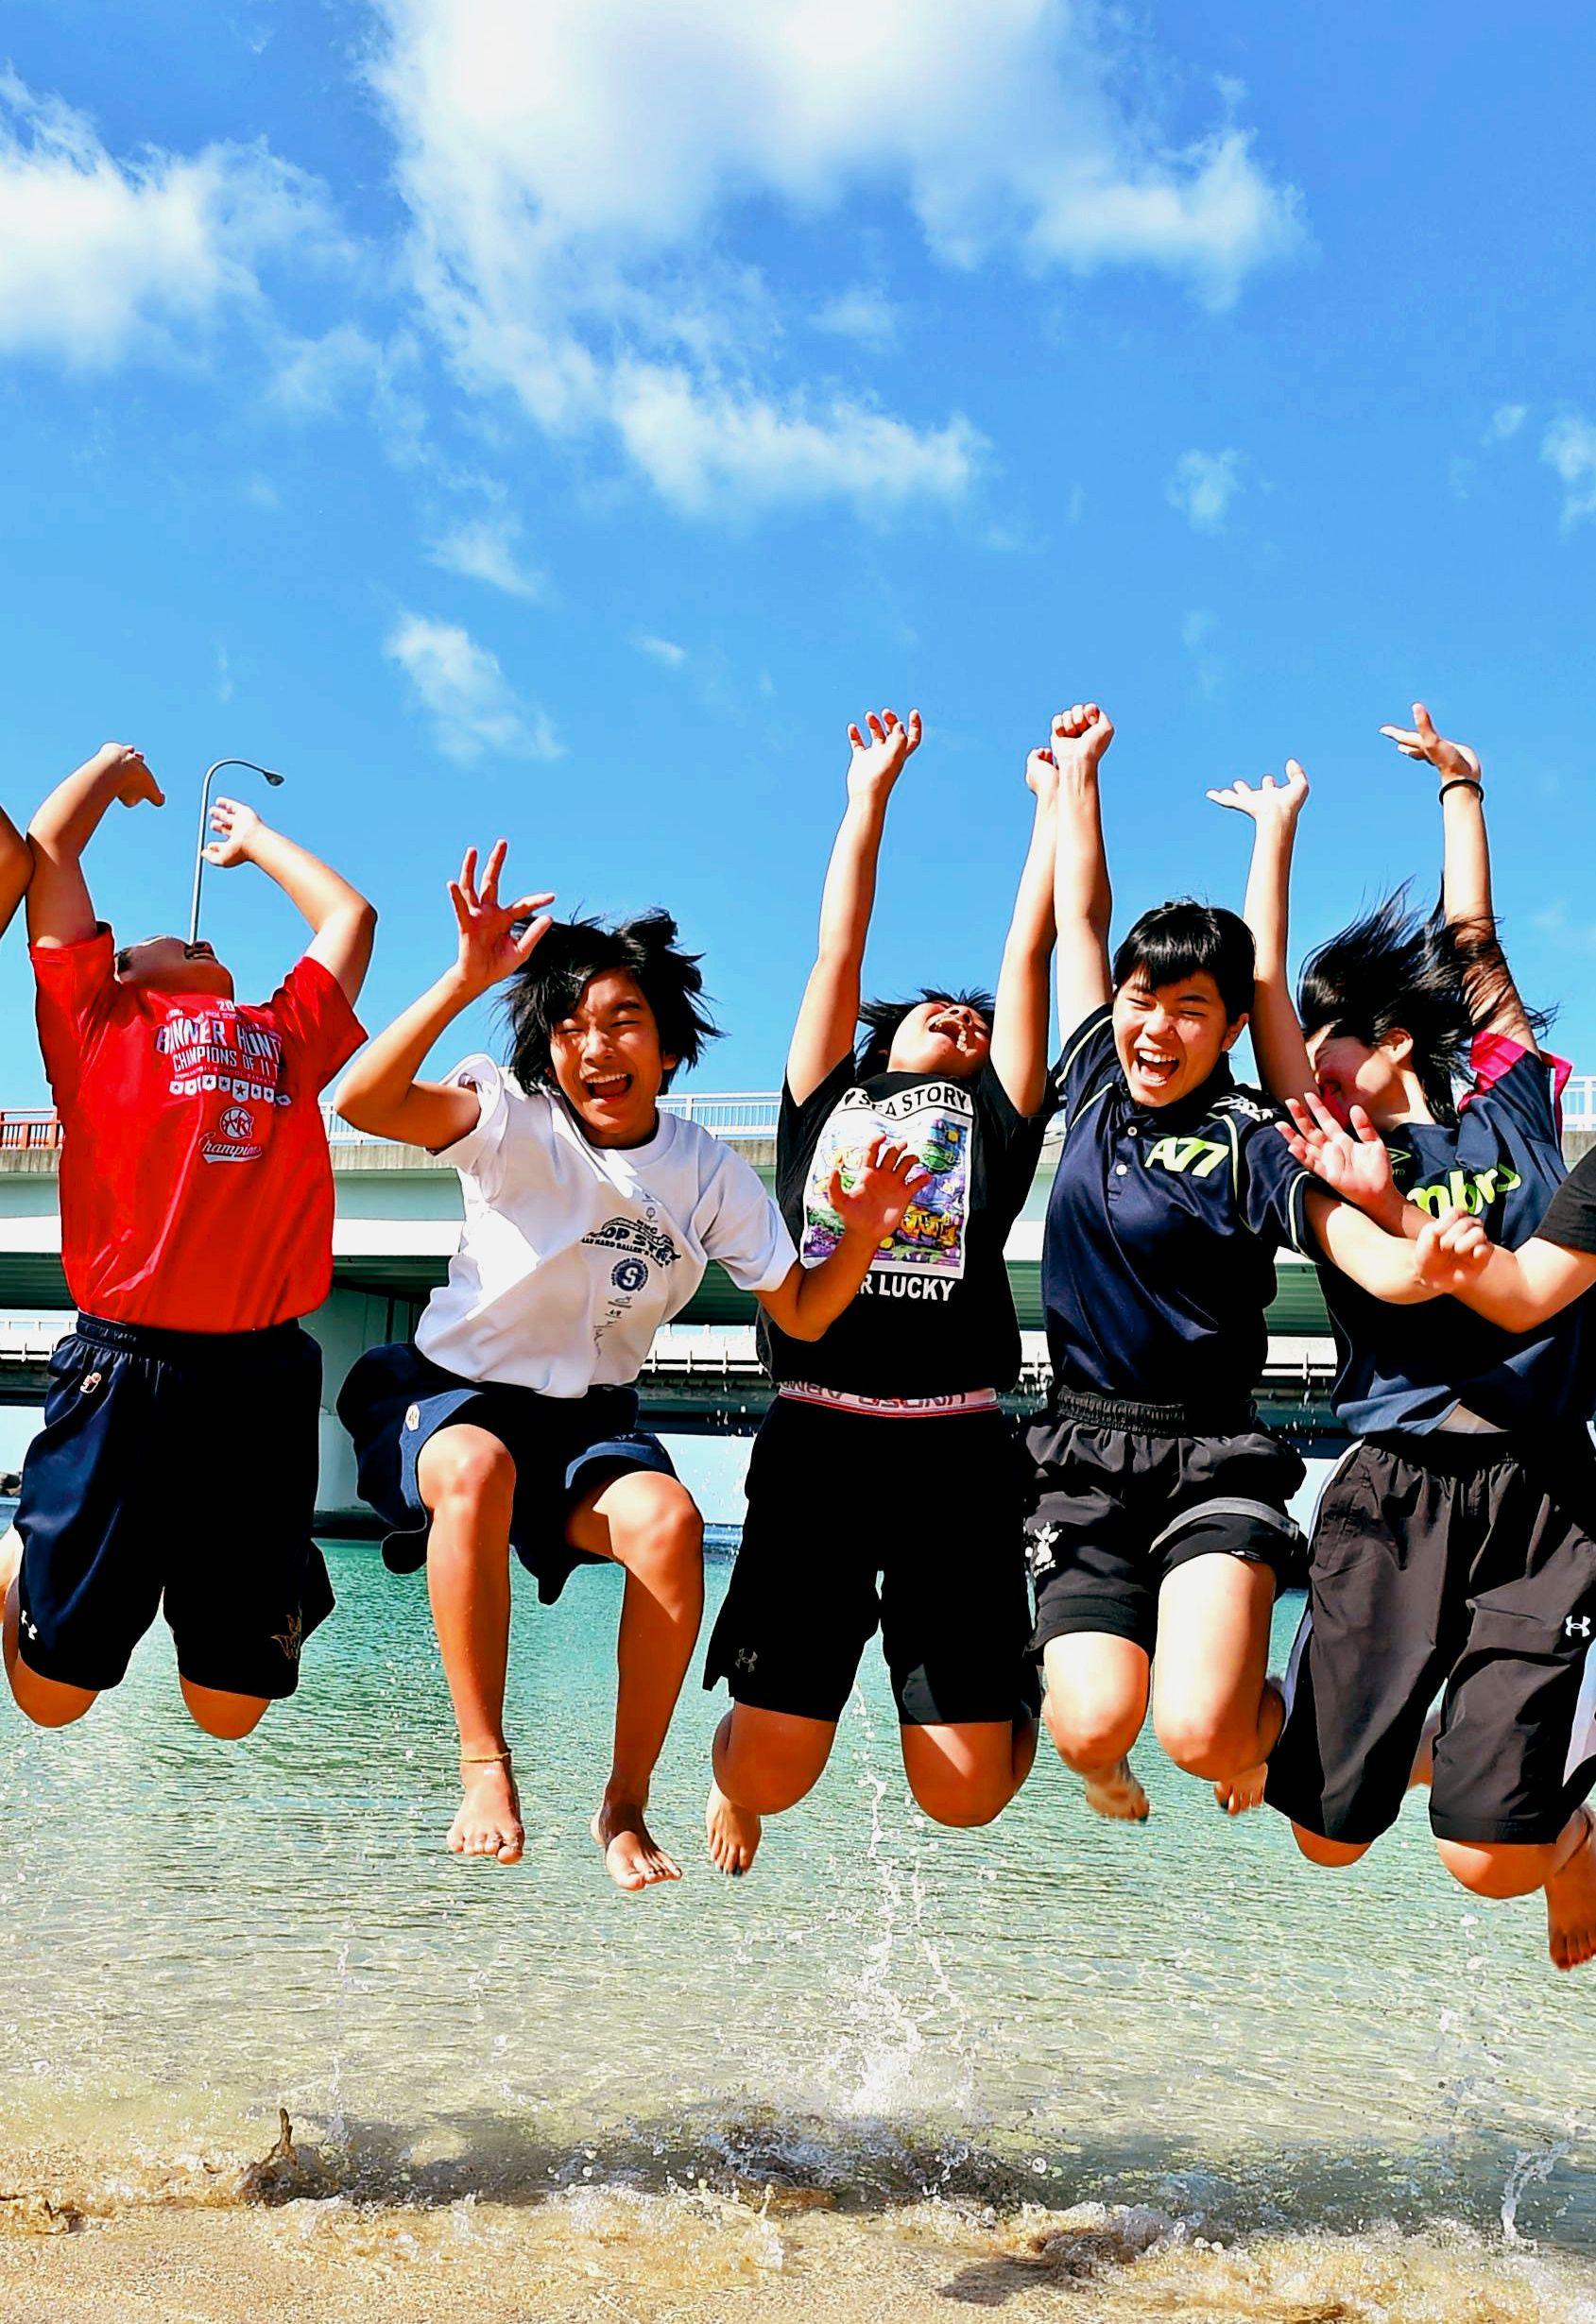 初詣は半袖、海で水遊び 沖縄「夏日」の正月に観光客「まるで外国」